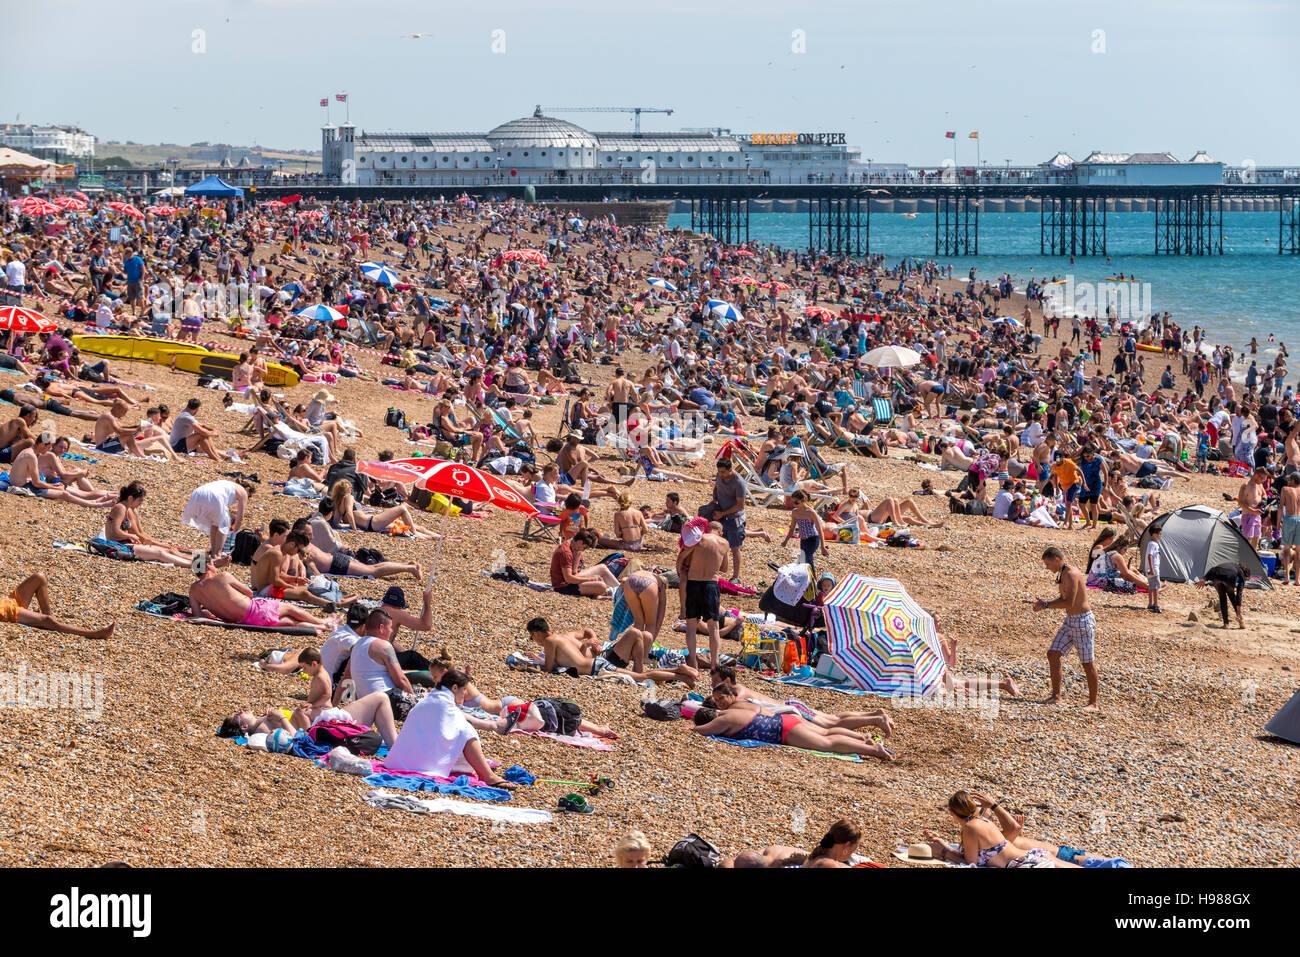 La plage de Brighton sur un après-midi de printemps ensoleillé Photo Stock